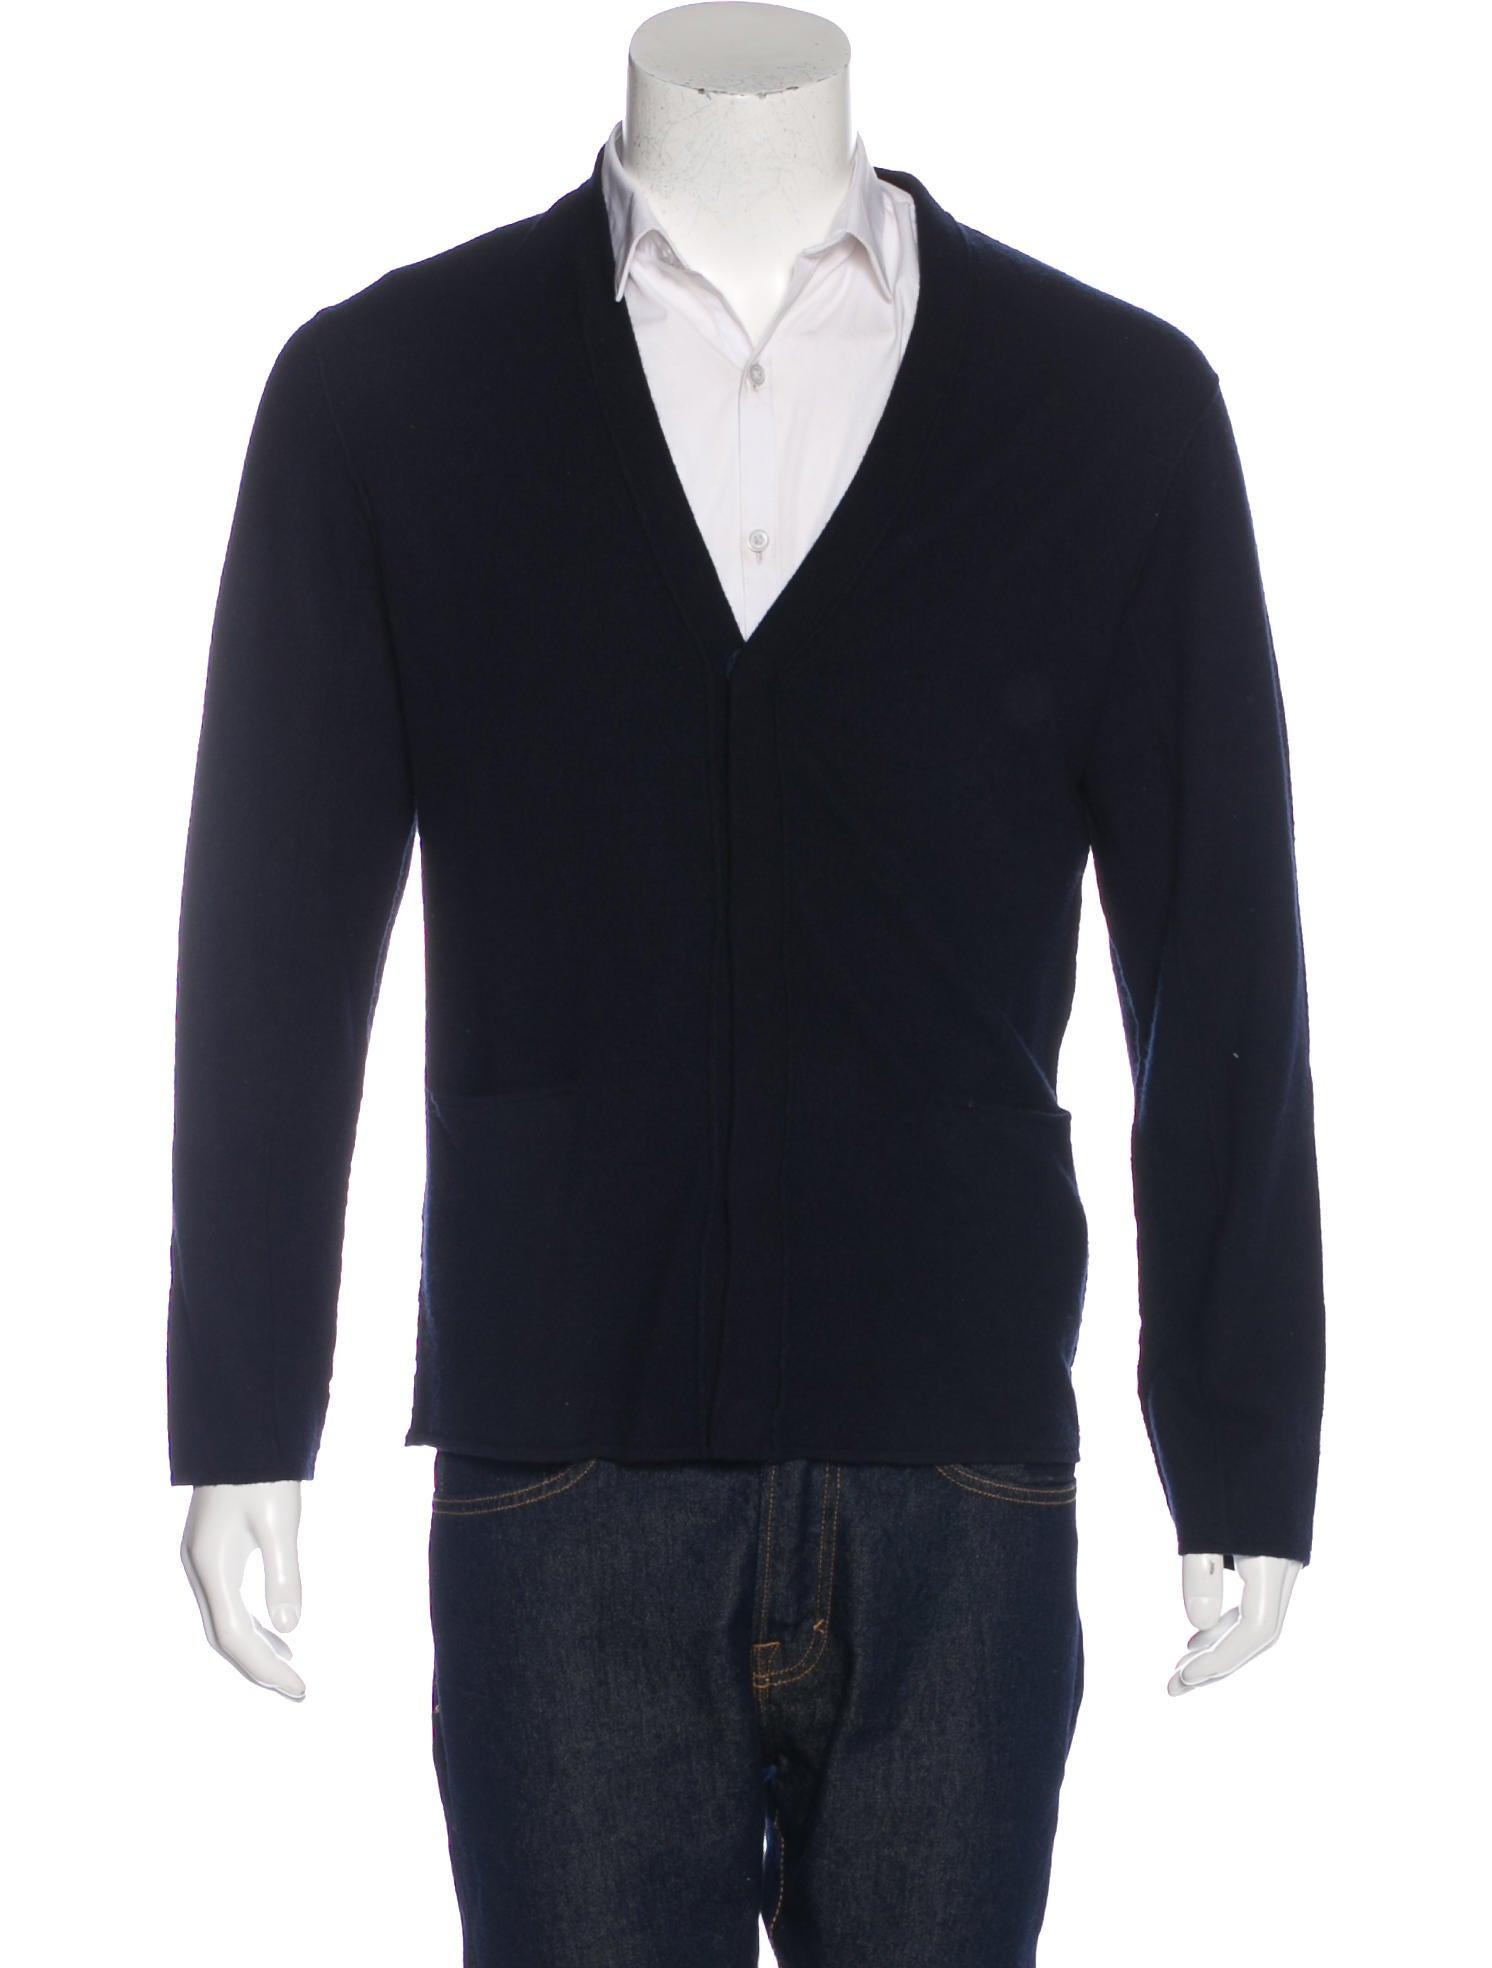 Merino wool hoodies